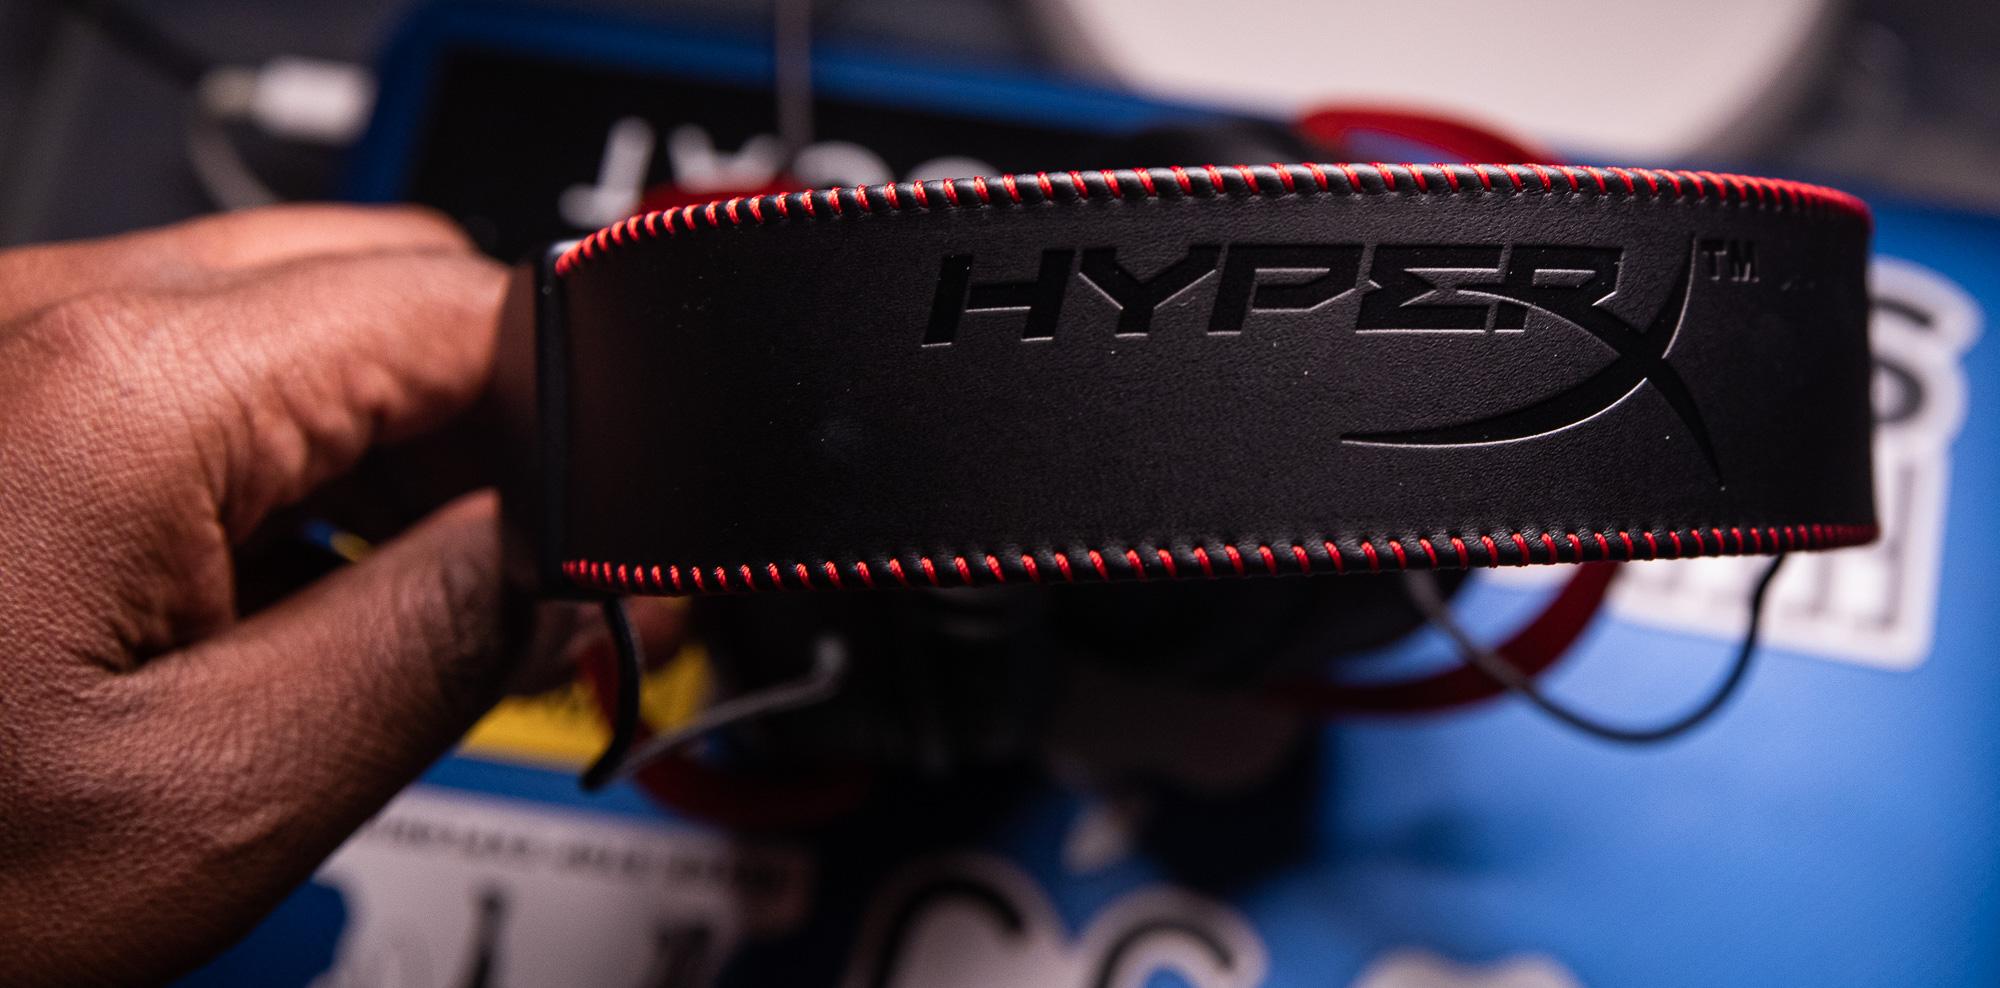 HyperX Cloud II Wireless Review